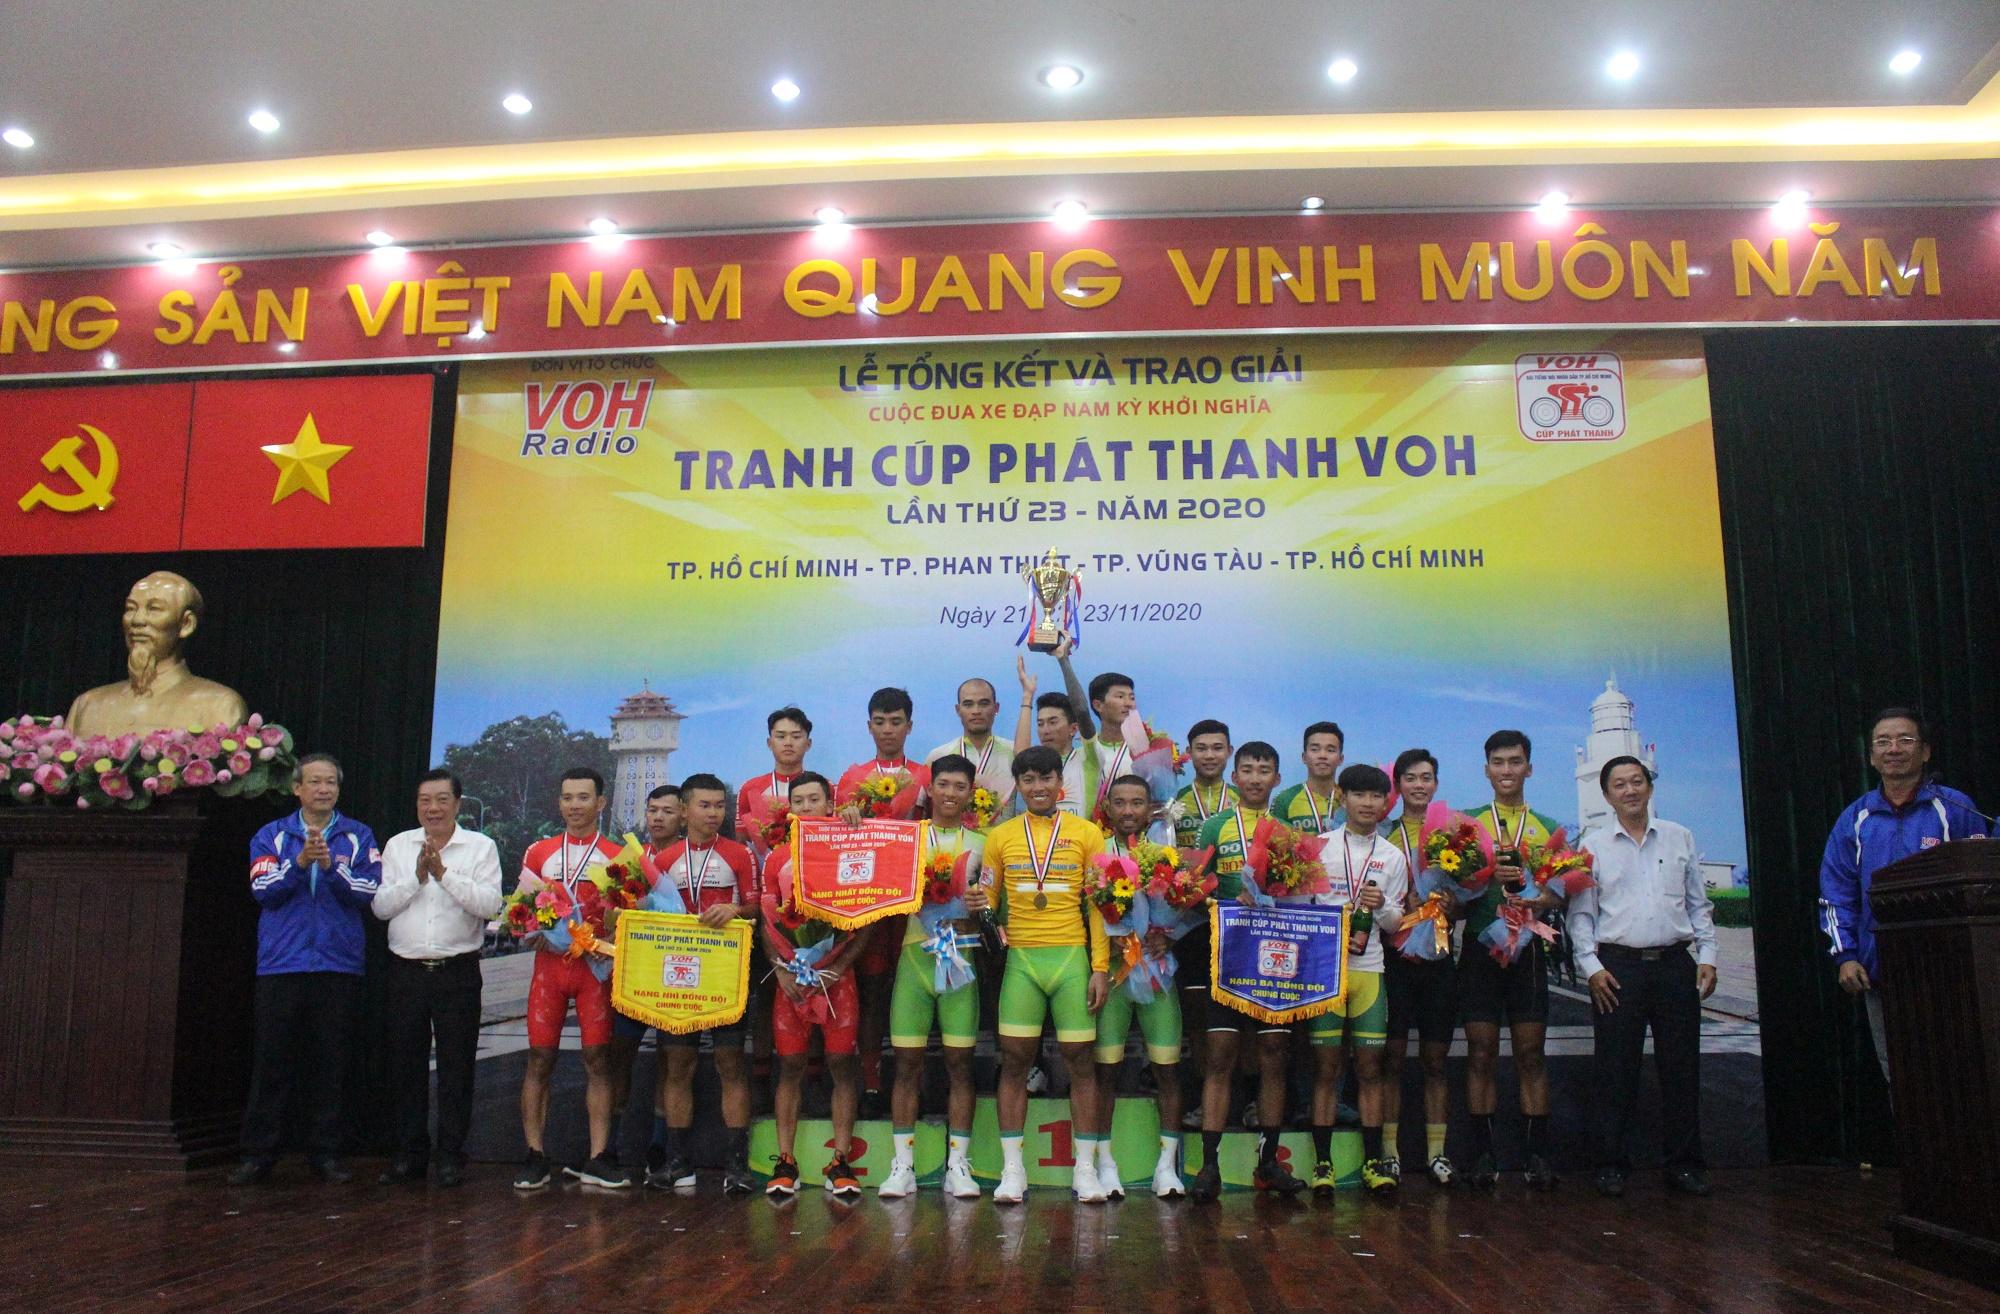 Hình ảnh: Ê kíp An Giang thắng lớn tại giải xe đạp Nam Kỳ Khởi Nghĩa 2020 số 7